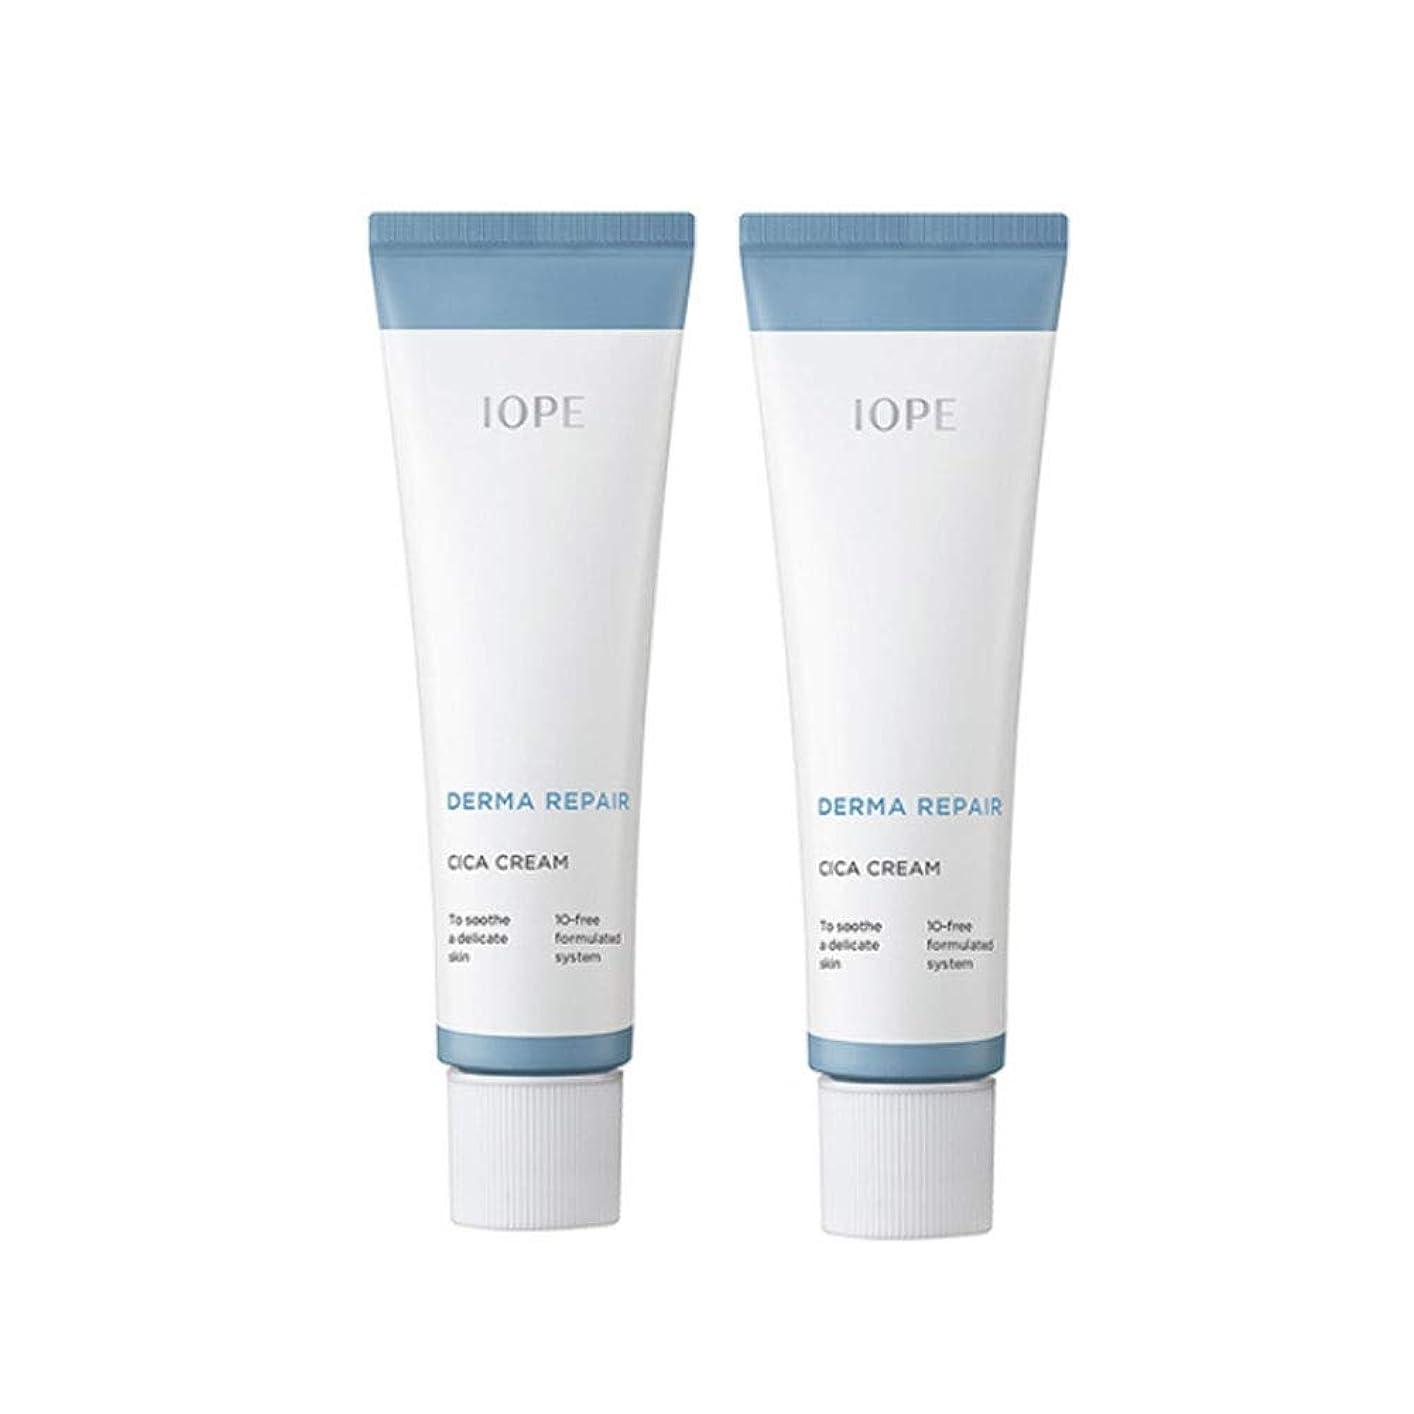 リマどこでもインタビューアイオペダーマリペアシカクリーム 50mlx2本セット損傷のスキンケア 韓国コスメ、IOPE Derma Repair Cica Cream 50ml x 2ea Set Damaged Skin Care Korean Cosmetics [並行輸入品]